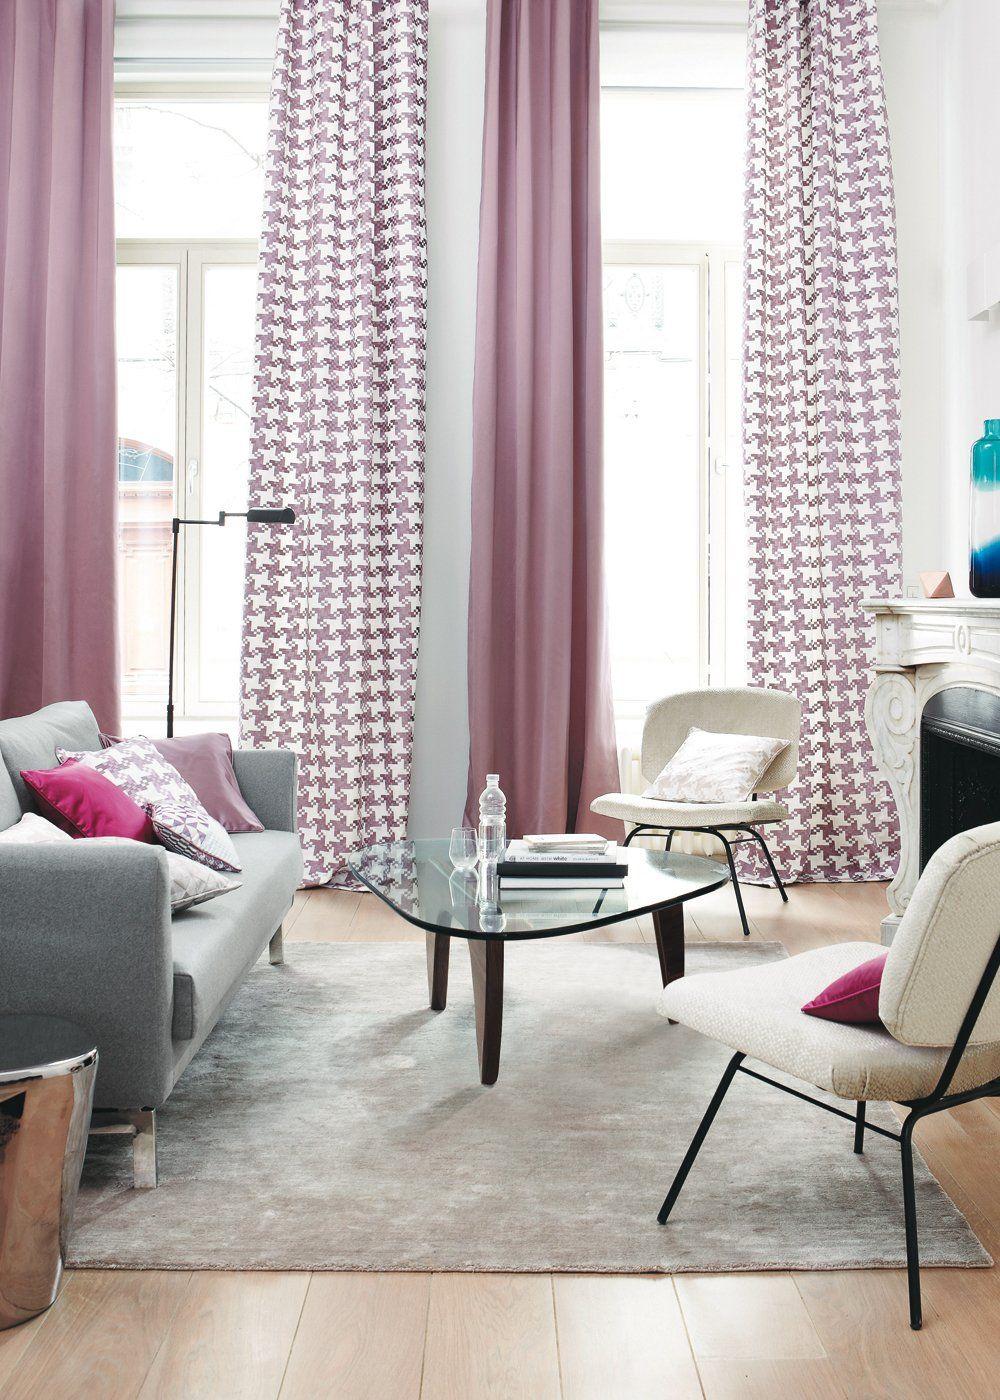 20 beaux rideaux pour en mettre plein la vue rideaux curtains rideaux rideaux salon - Beaux rideaux salon ...